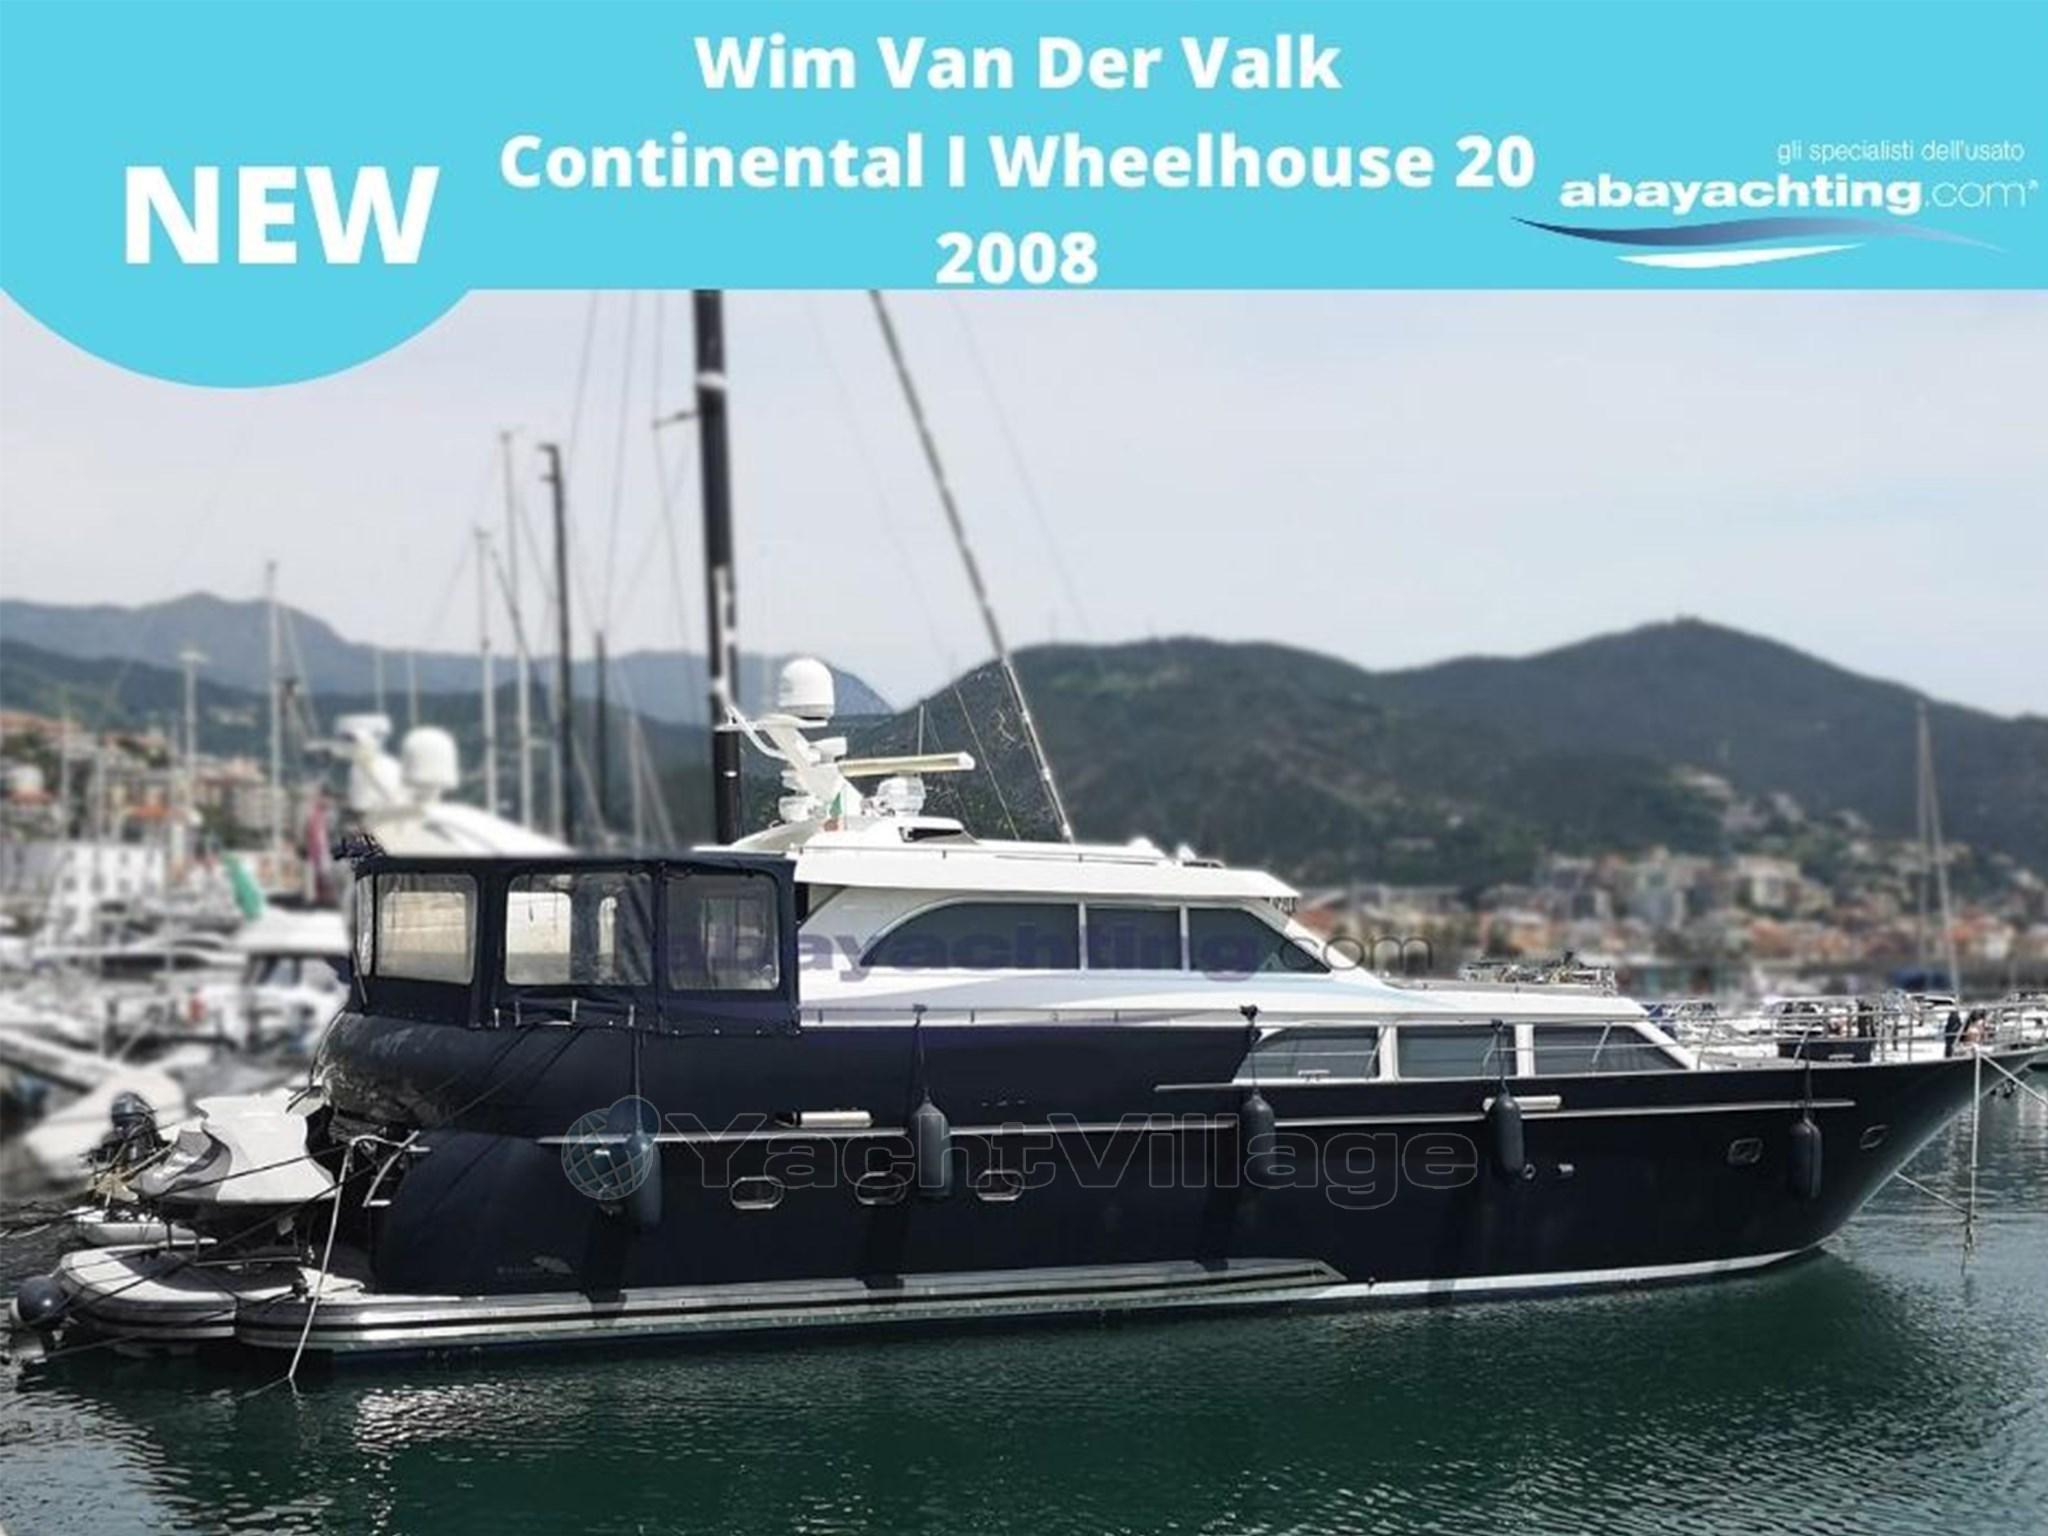 Abayachting Navetta Van Der Valk Usato-second hand 1